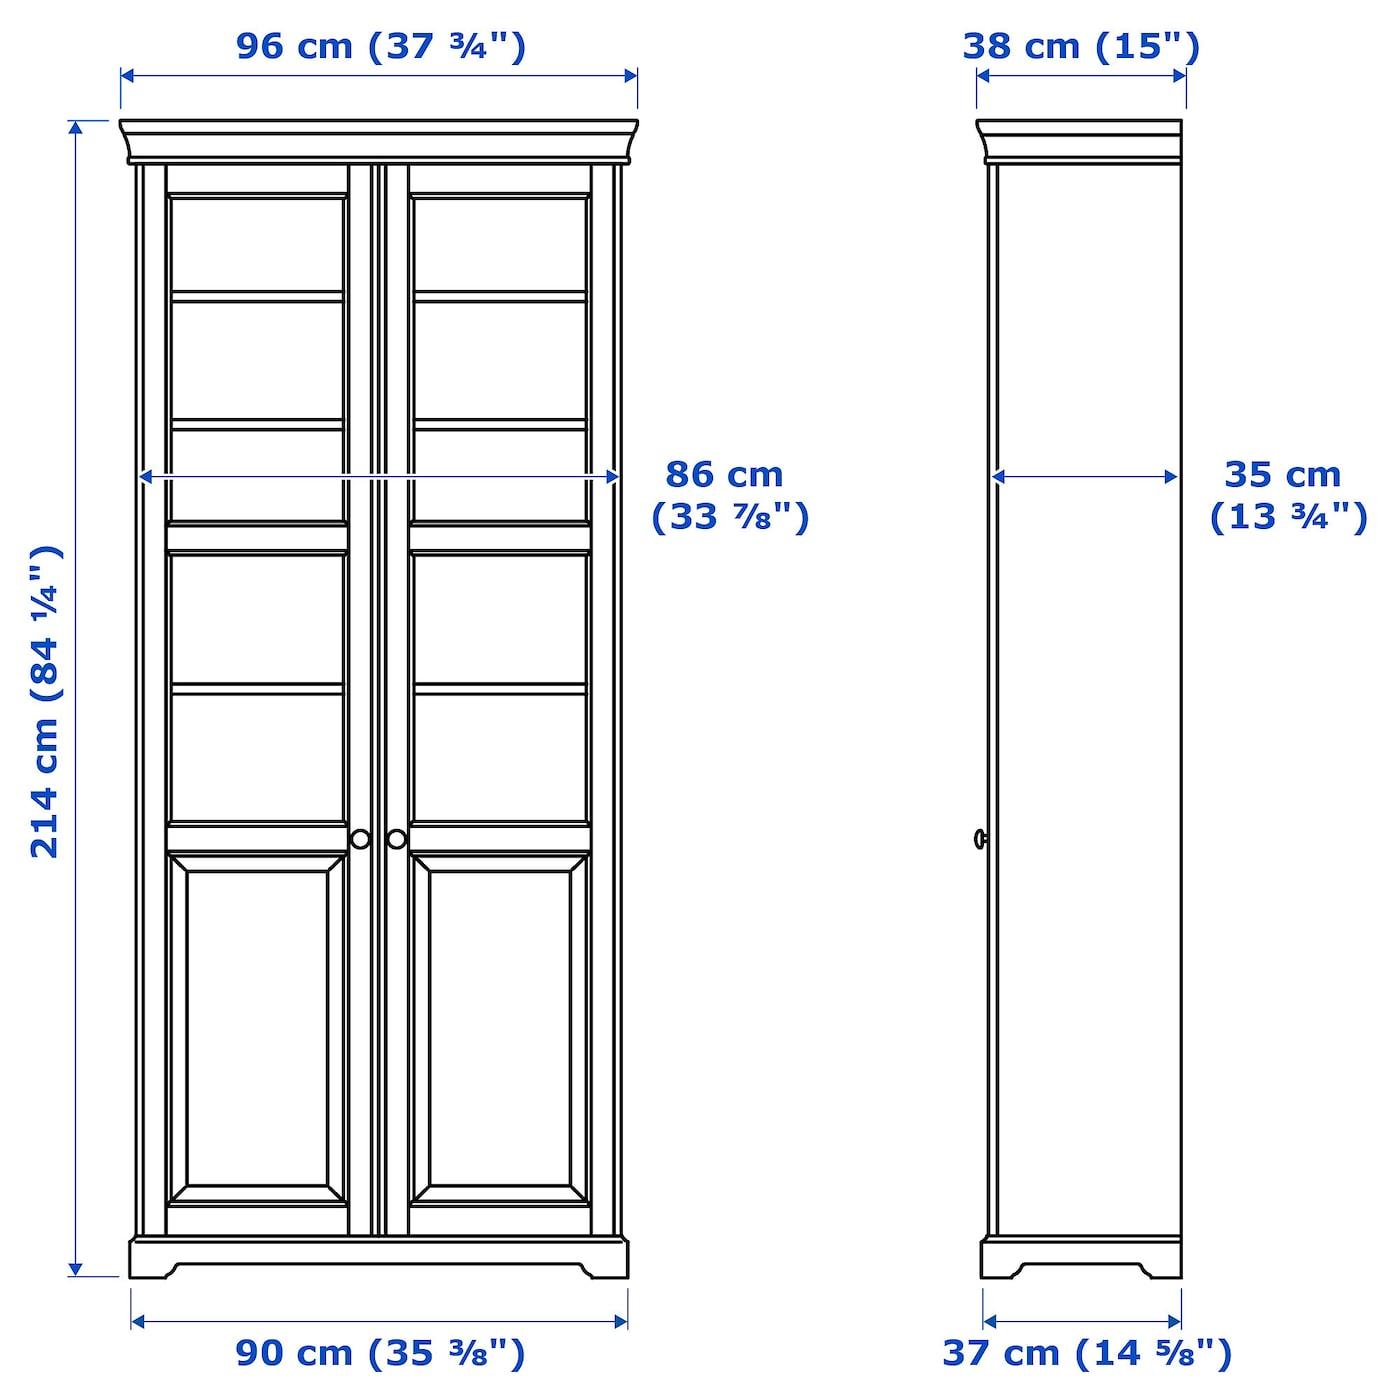 LIATORP Boekenkast met glazen deur Wit 96 x 214 cm - IKEA